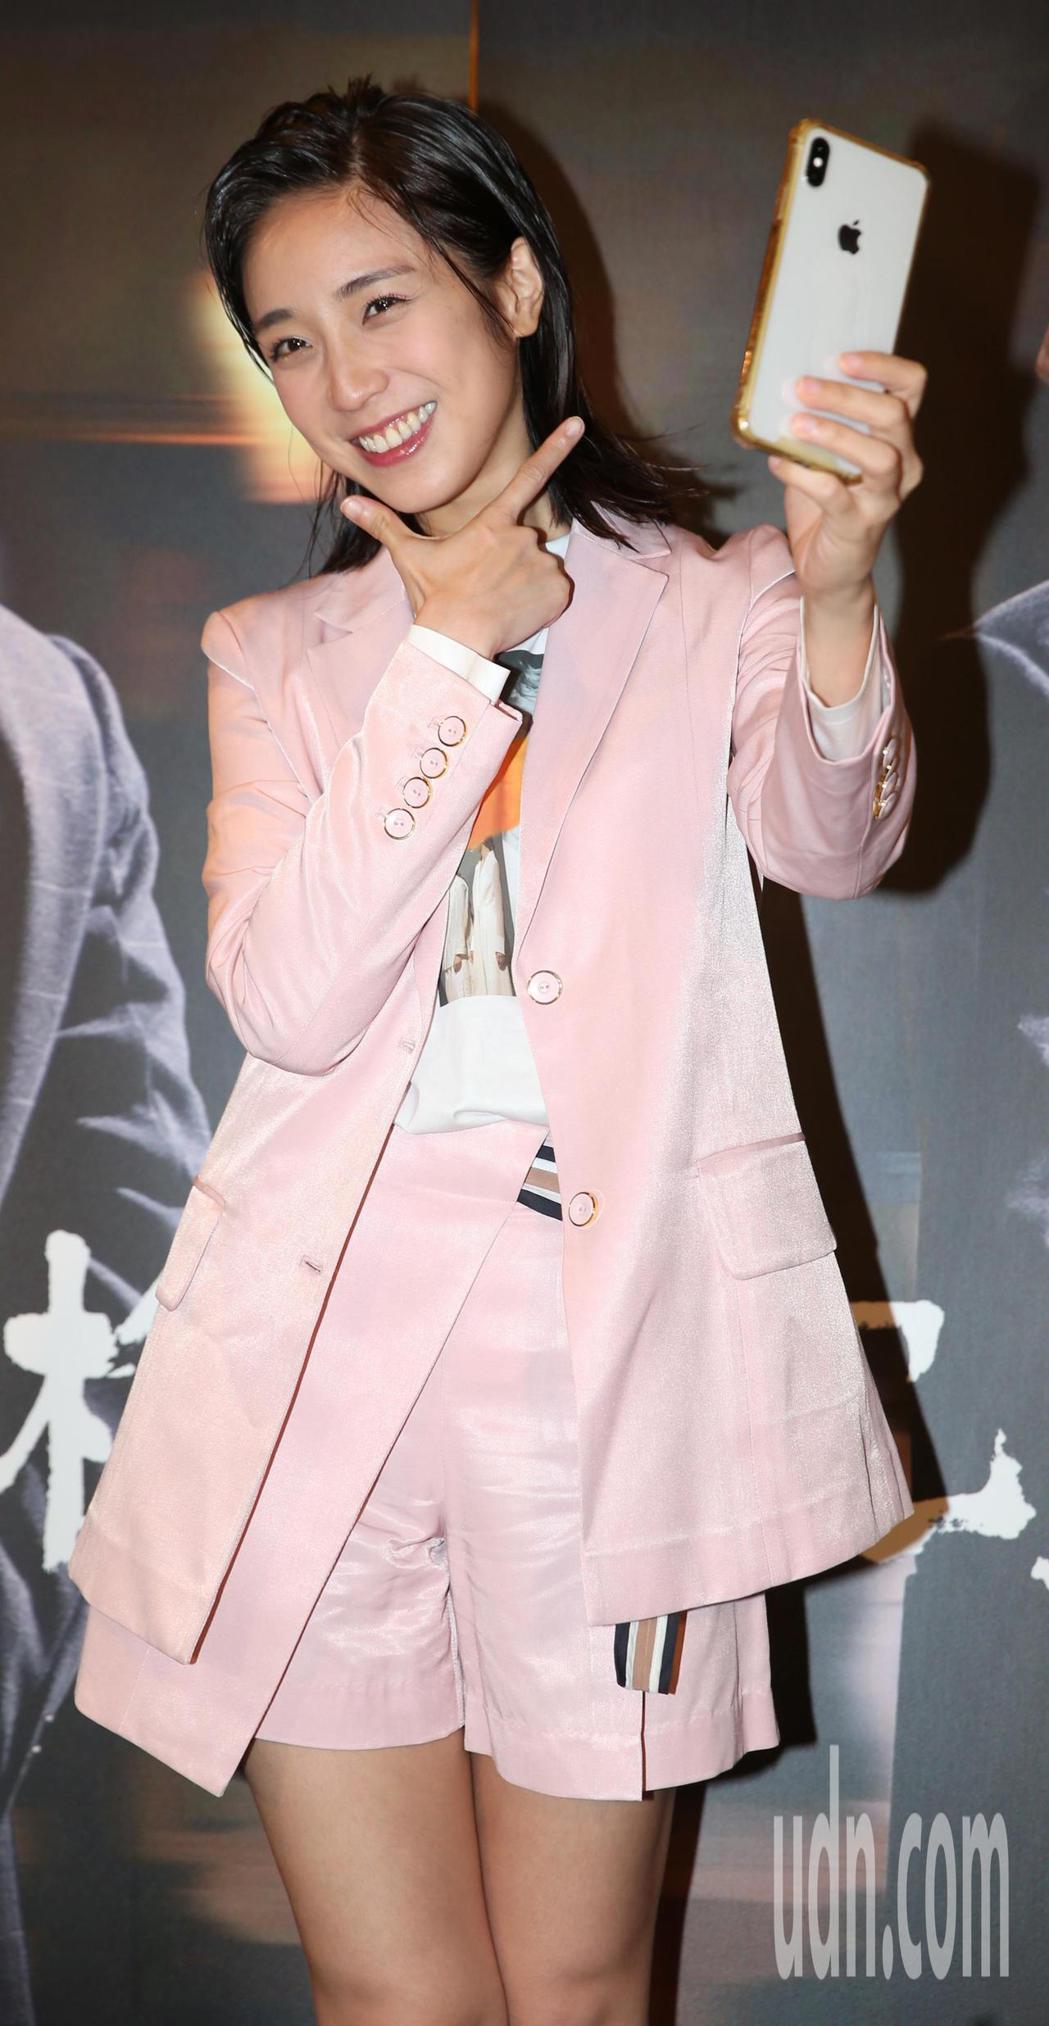 梁舒涵在劇中飾演直播主。記者侯永全/攝影